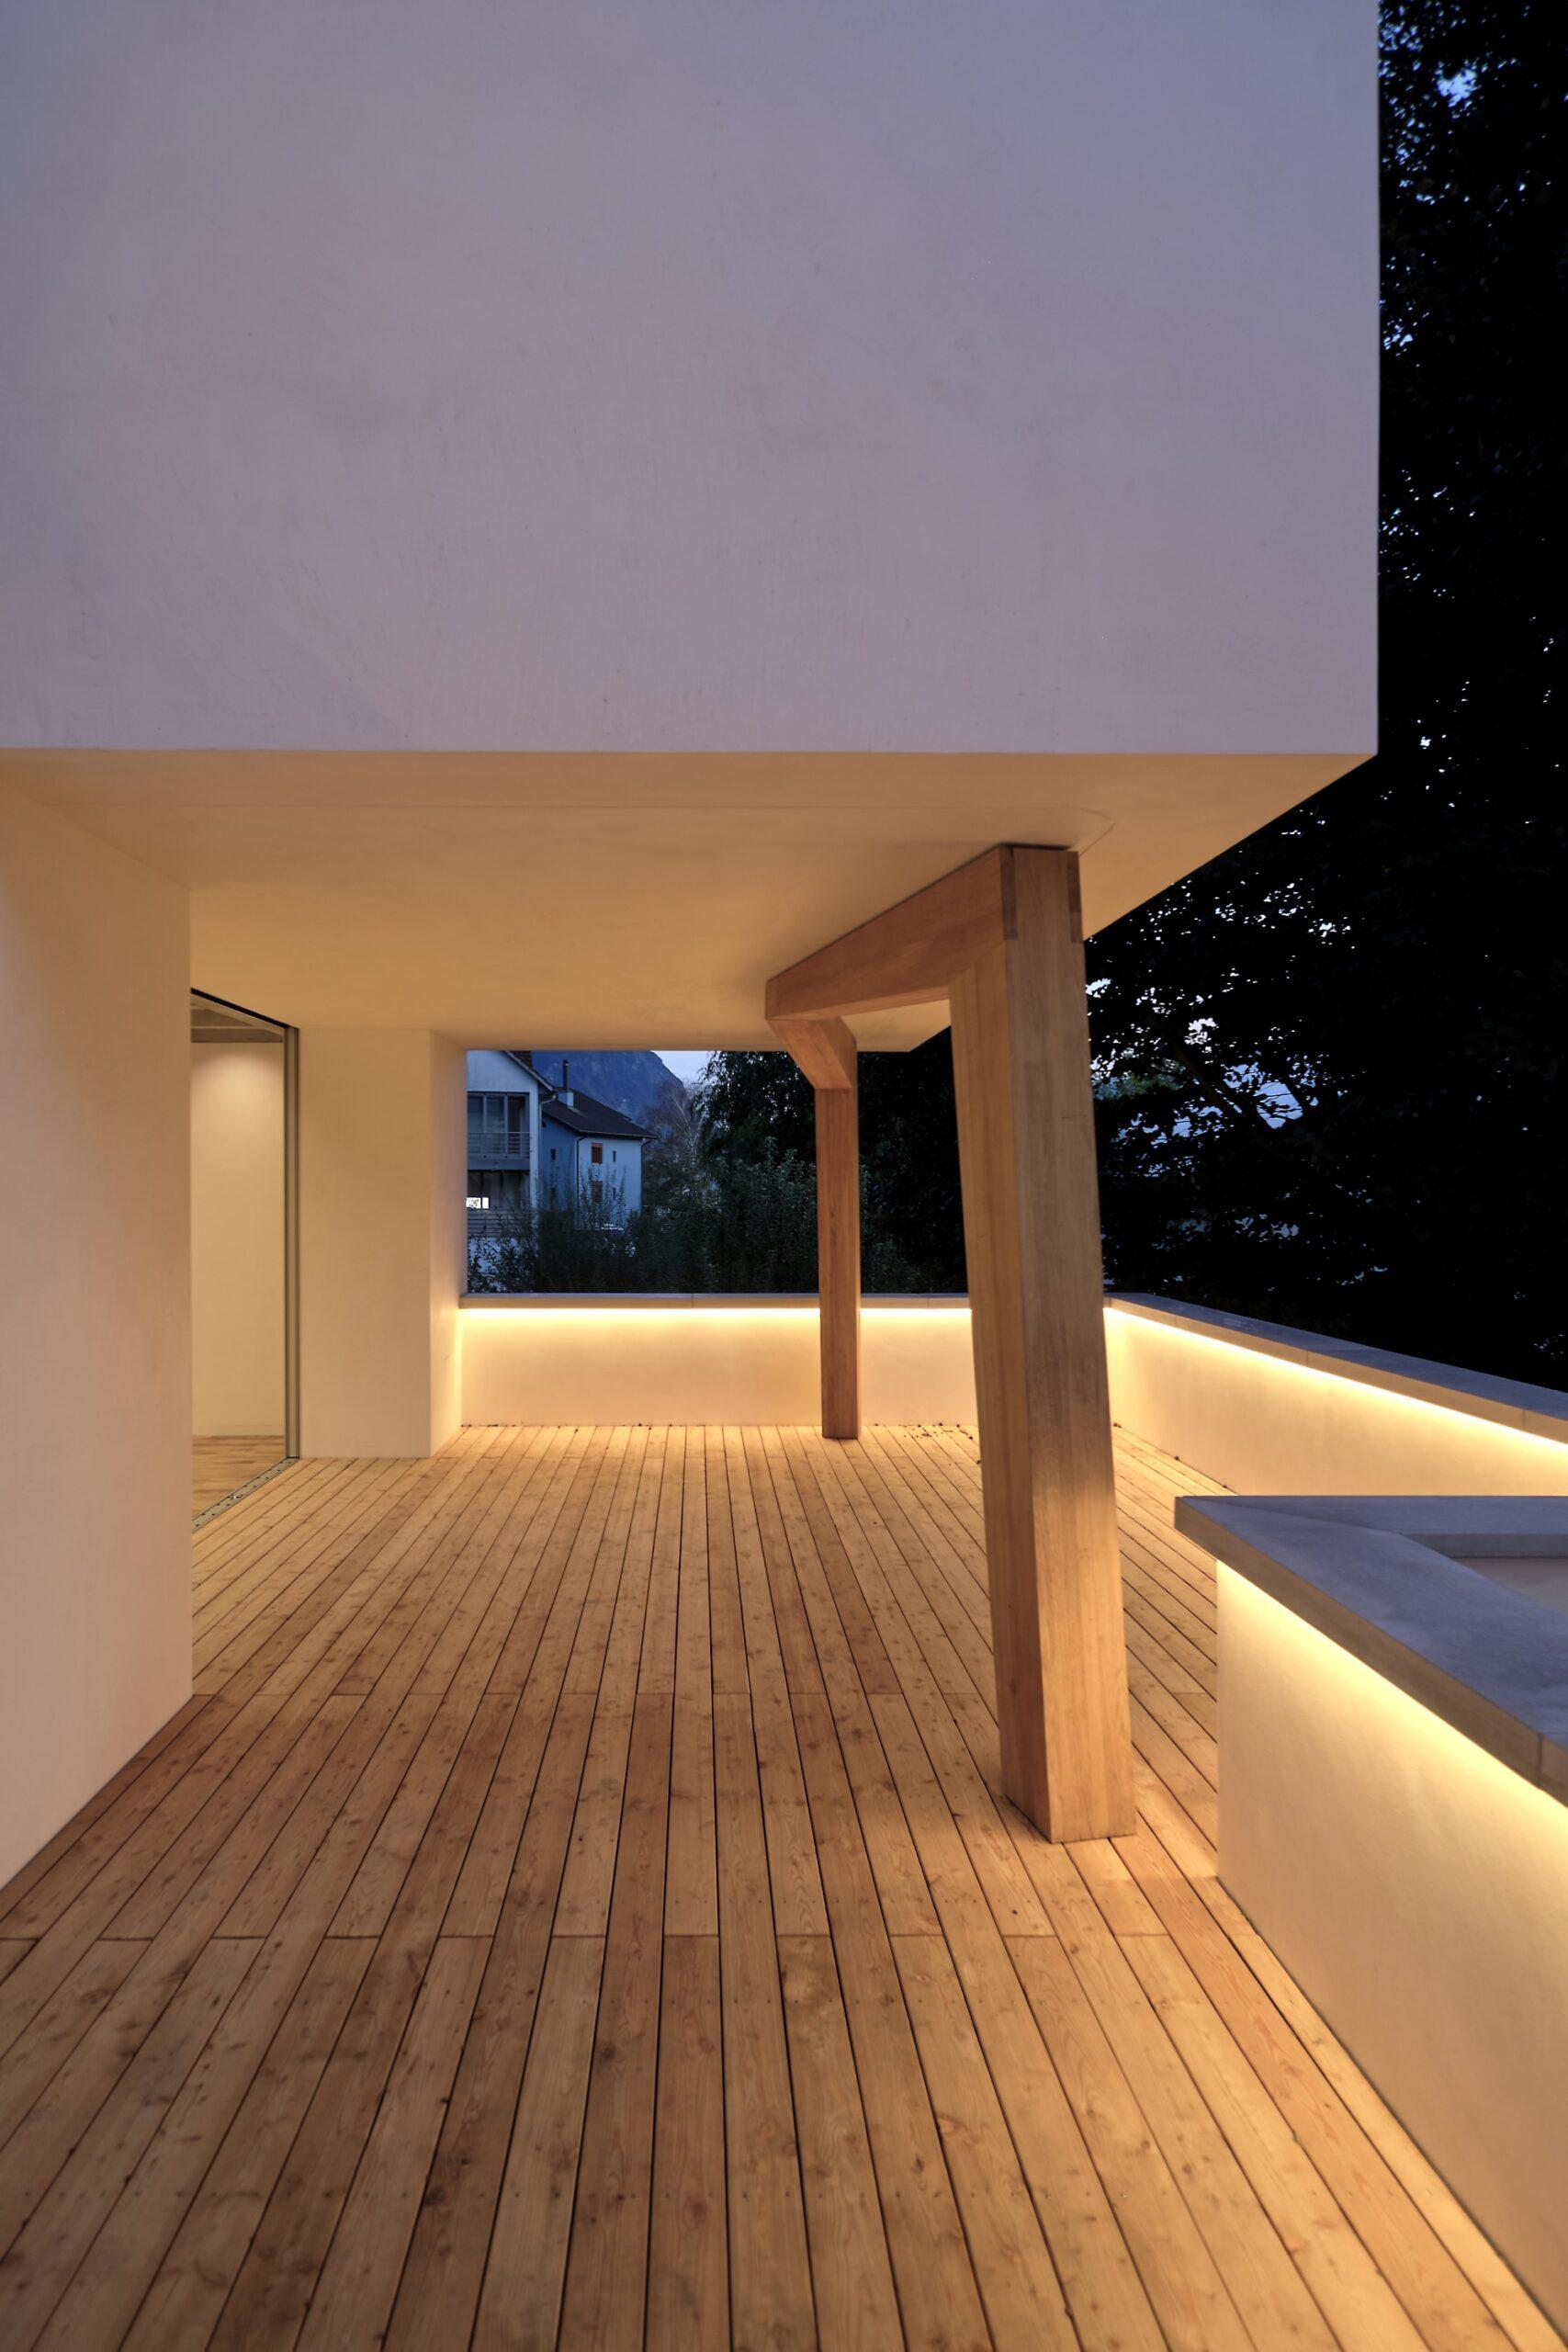 Haus Holdergasse, Terrasse bei Nacht, Holzboden, BE Architekten, Olex, Oliver Lins